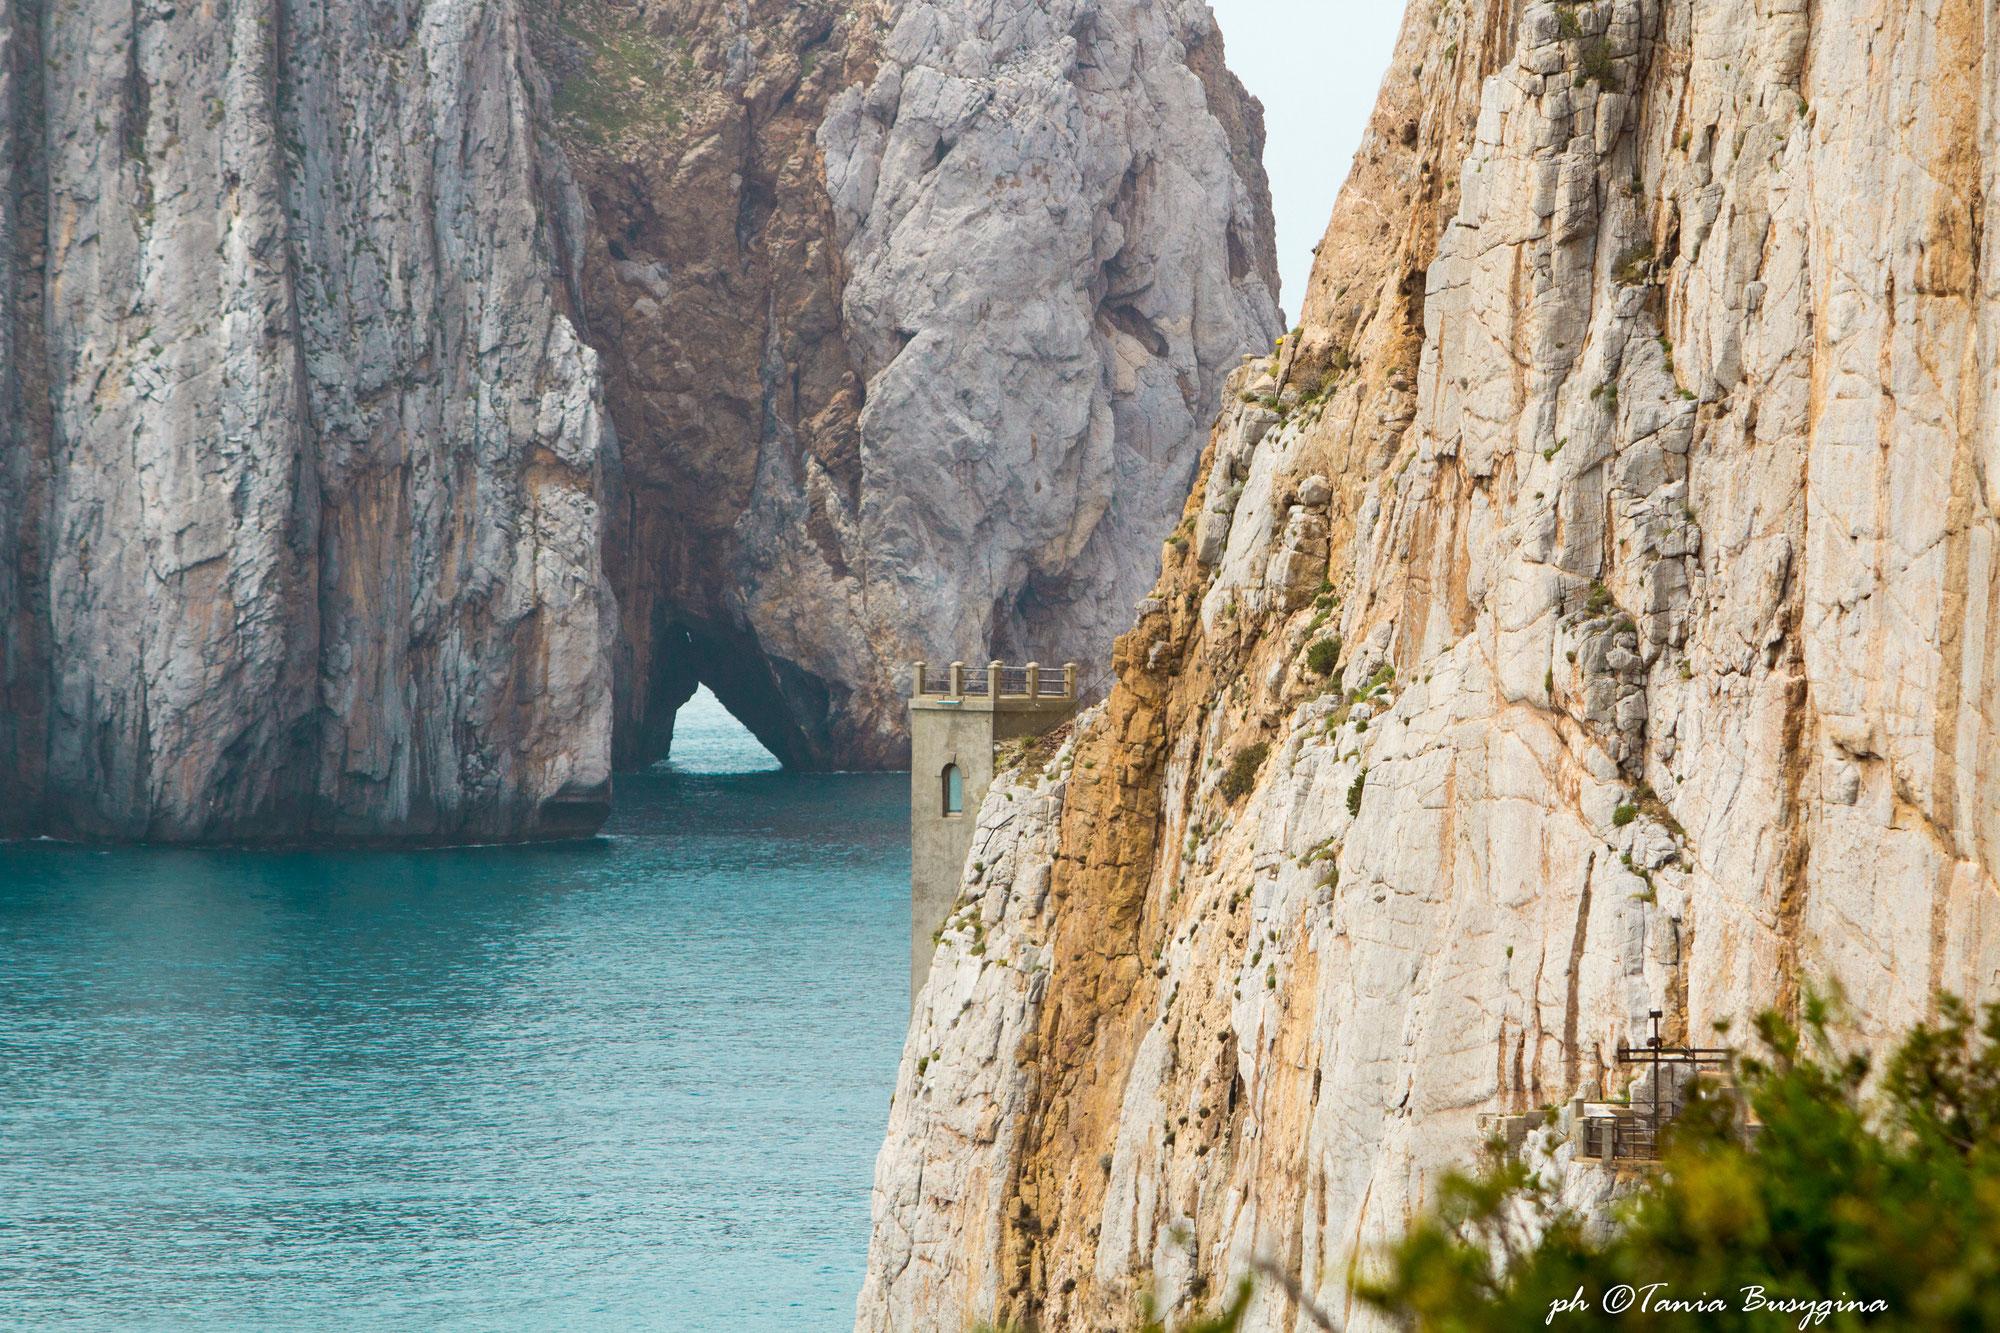 Шахты Порто Флавия. Жемчужины южной Сардинии